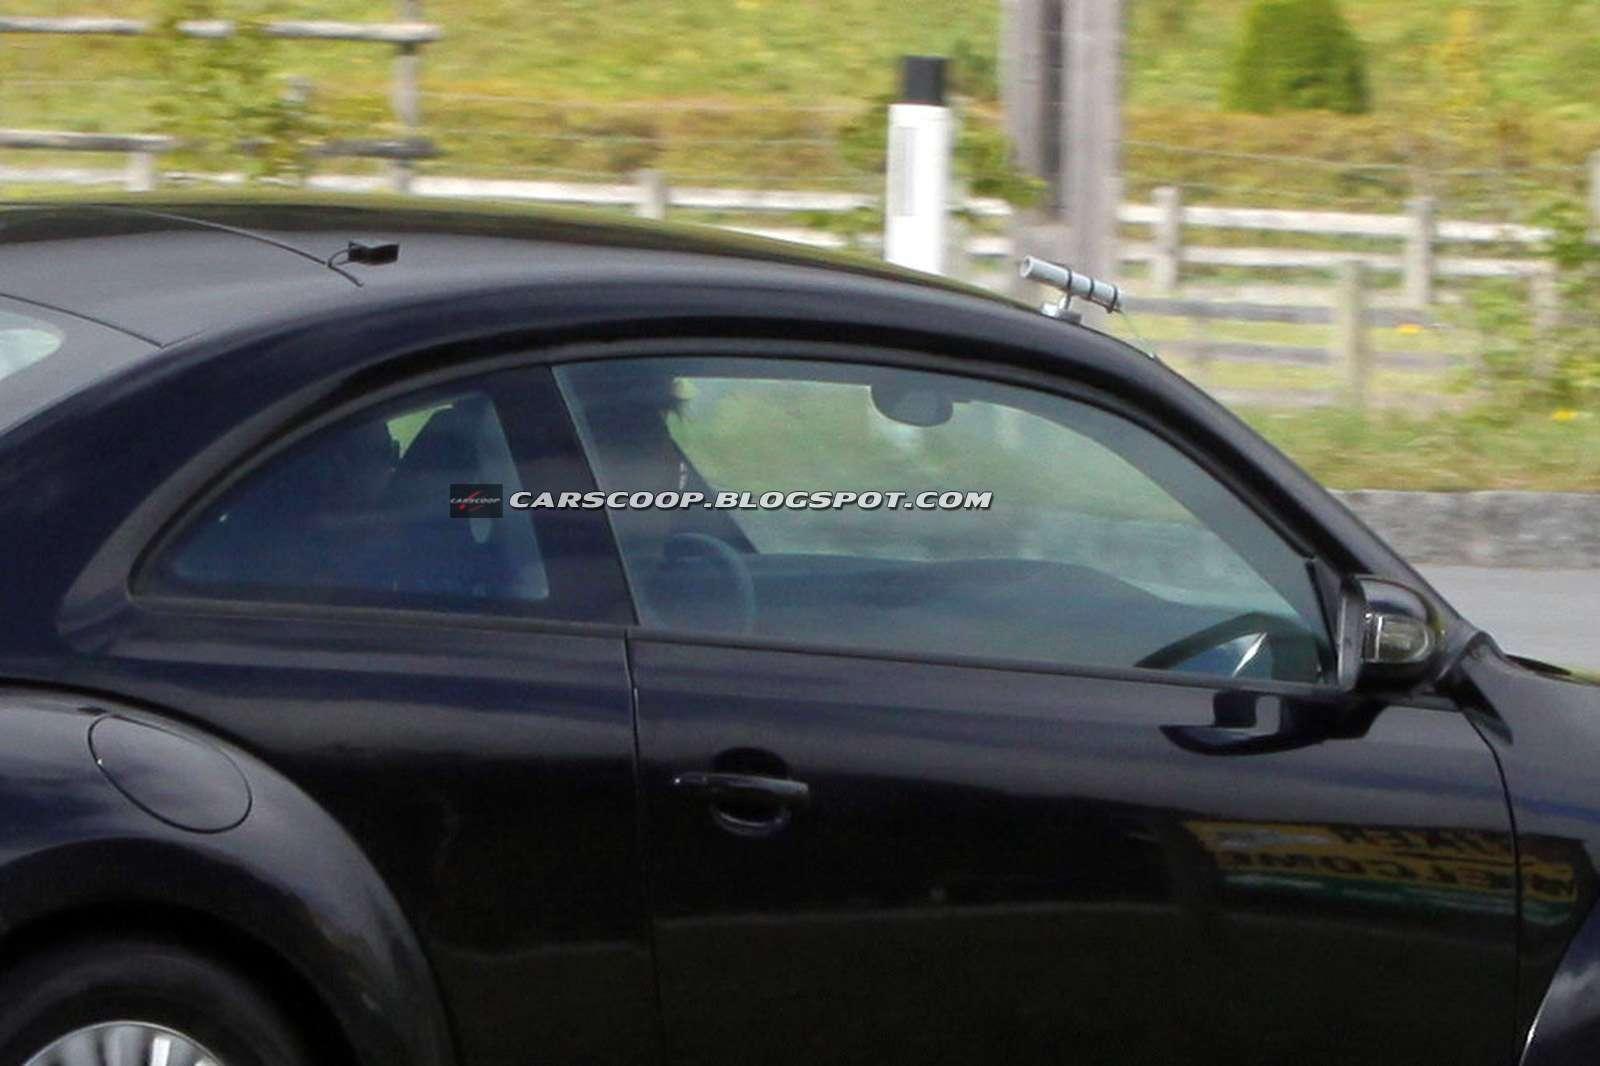 VW New Beetle 2012 szpieg pazdziernik 2010